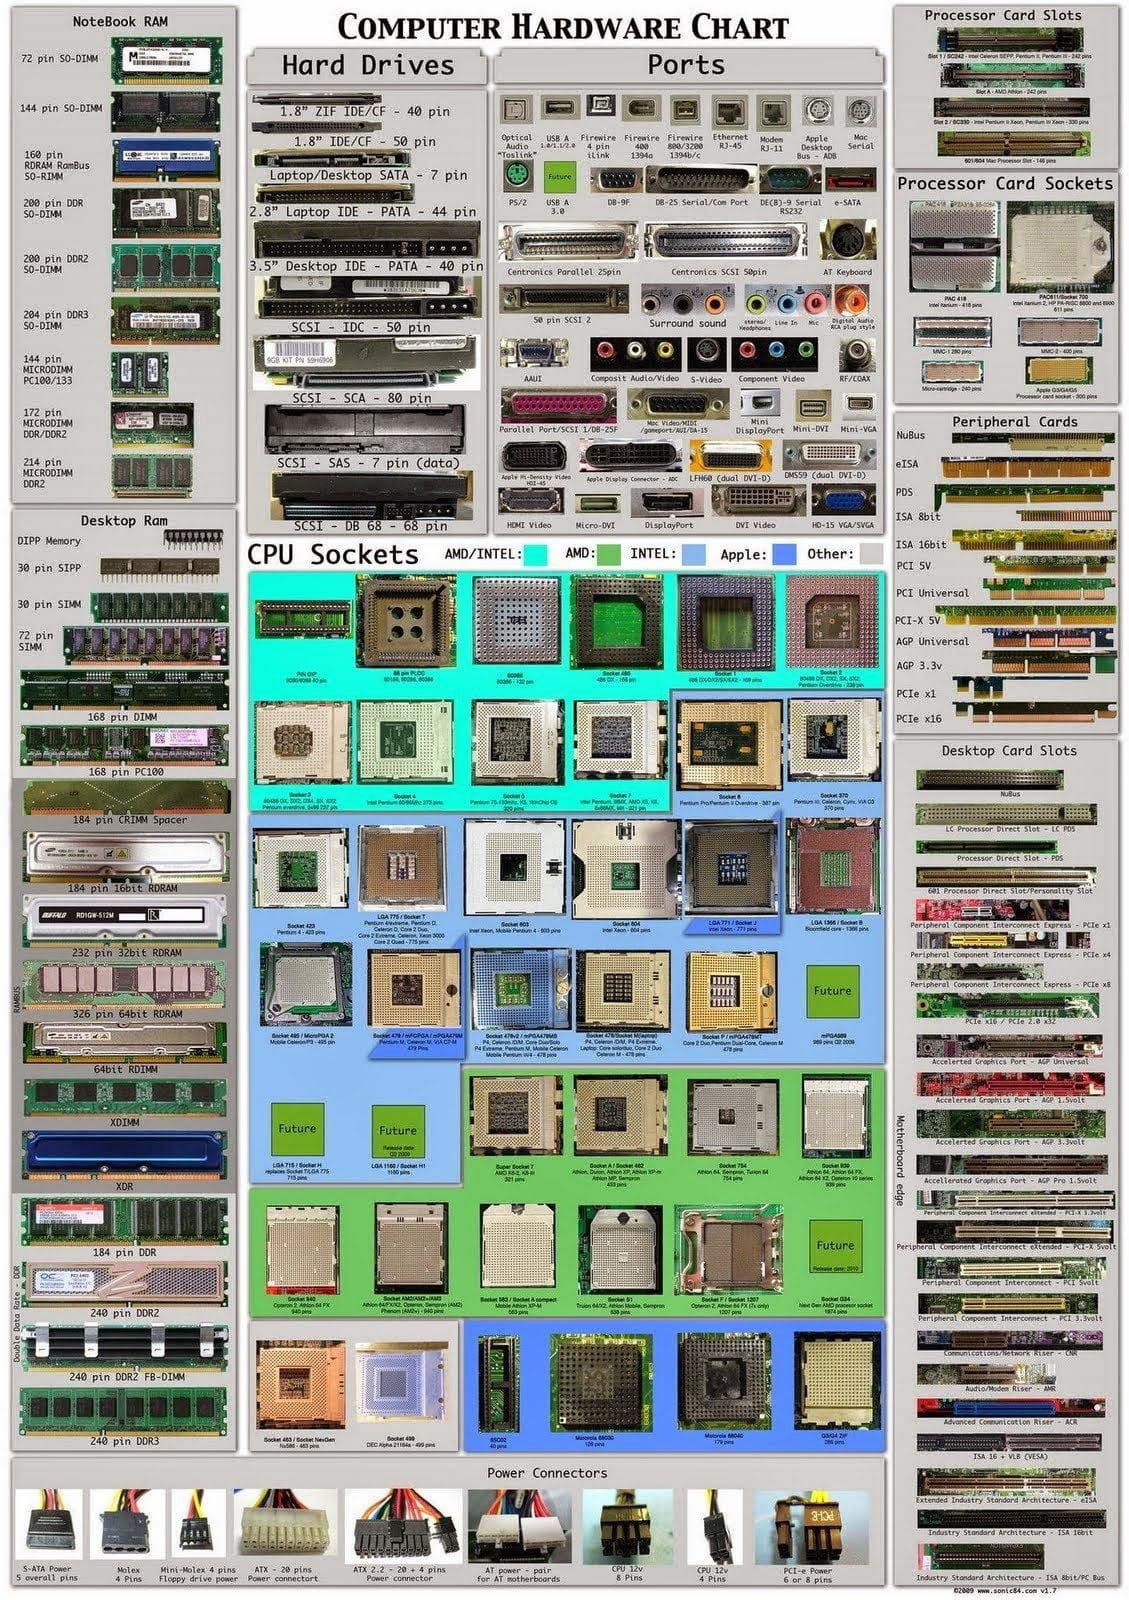 إنفوجرافيك : جميع منافذ عتاد الكمبيوتر ووظائفها